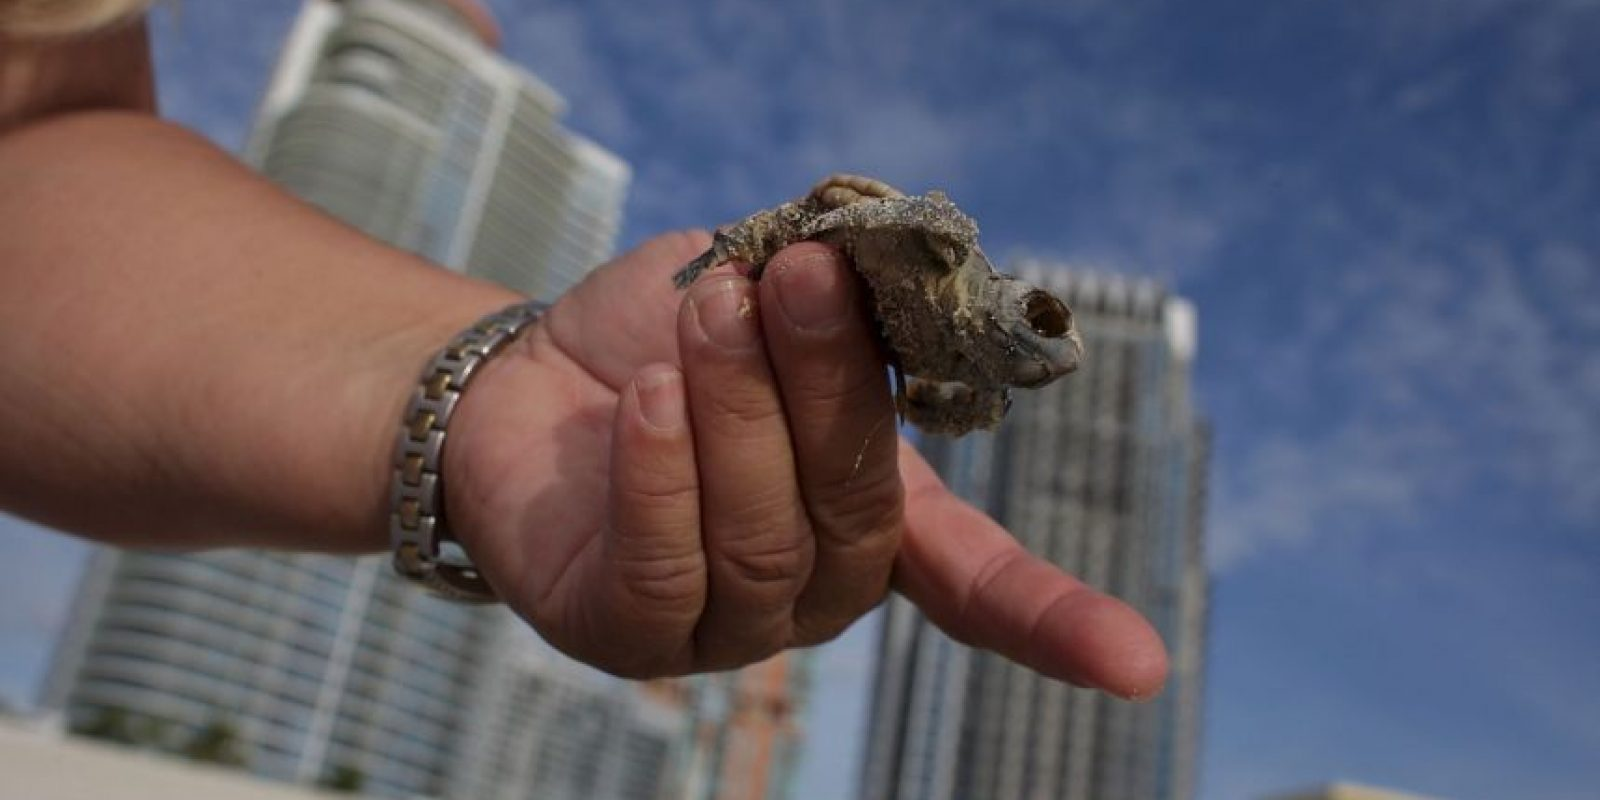 Se sabe que las tortugas marinas están distribuidas en muchos lugares alrededor del mundo, prefieren el trópico y las temperaturas subtropicales. Foto:Getty Images